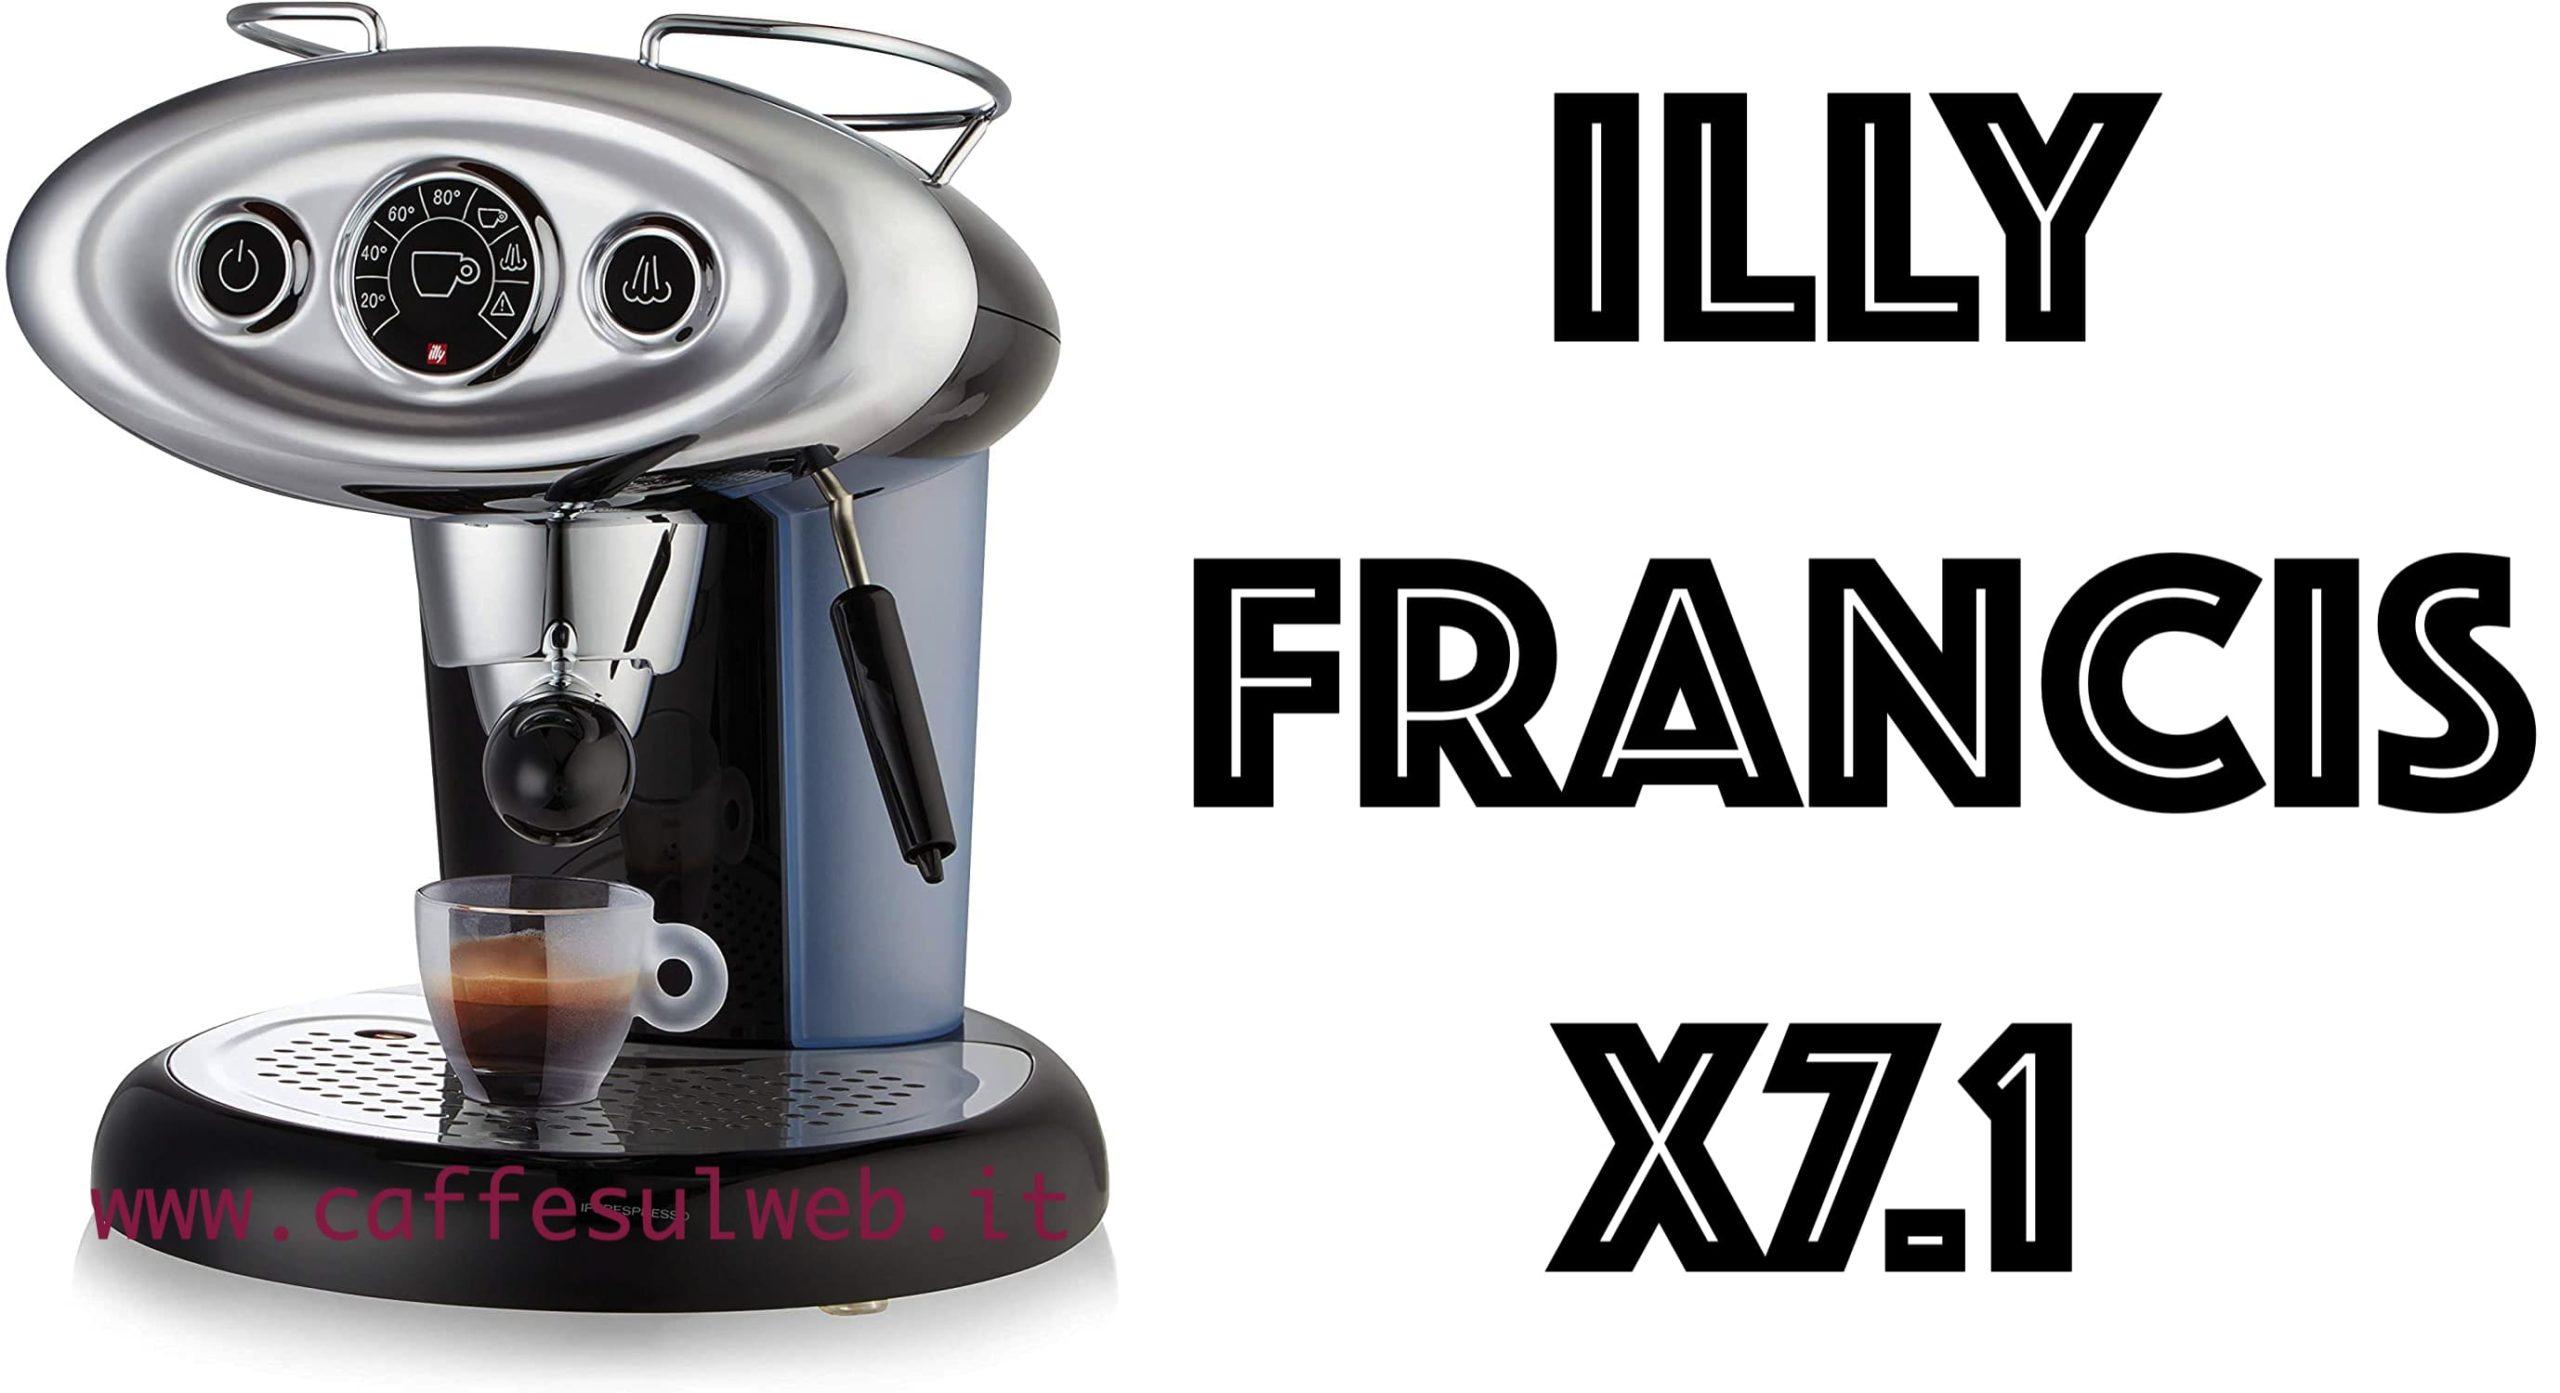 Illy Francis X7 1 Recensioni Opinione Prezzo